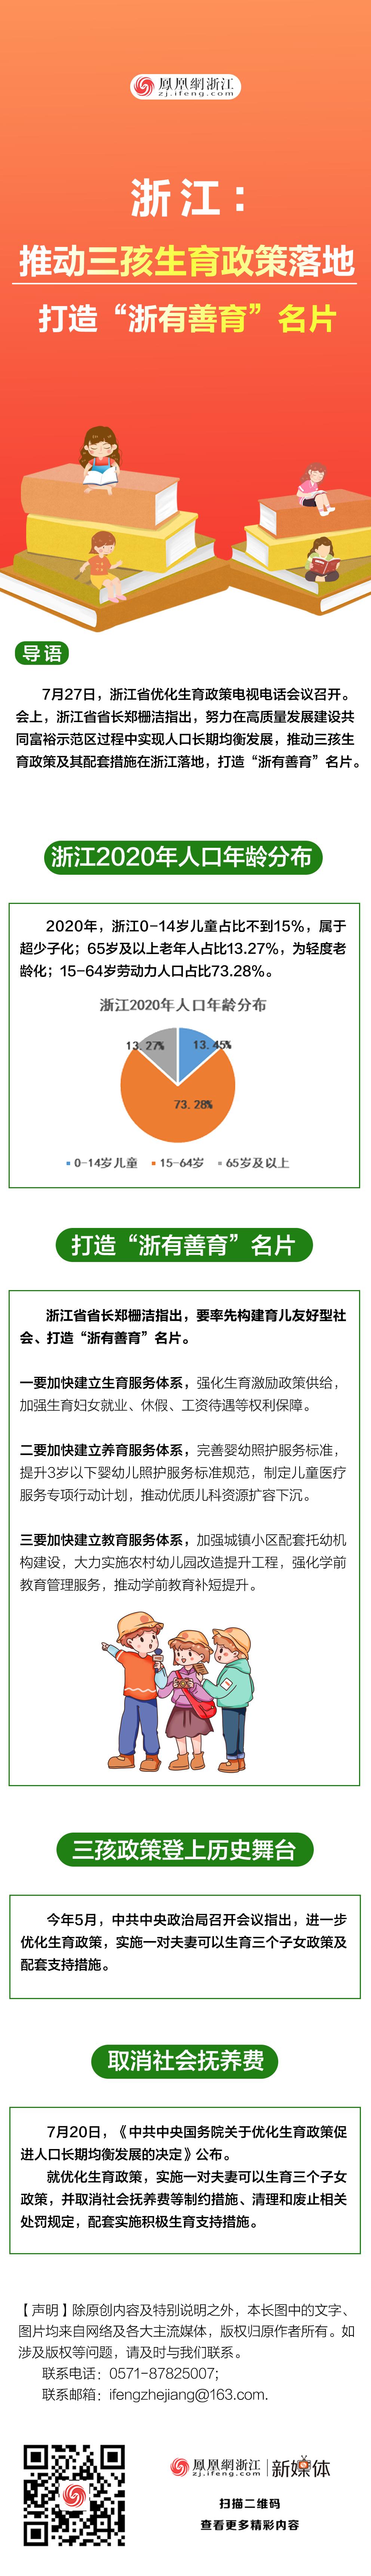 """浙江:推动三孩生育政策落地 打造""""浙有善育""""名片"""